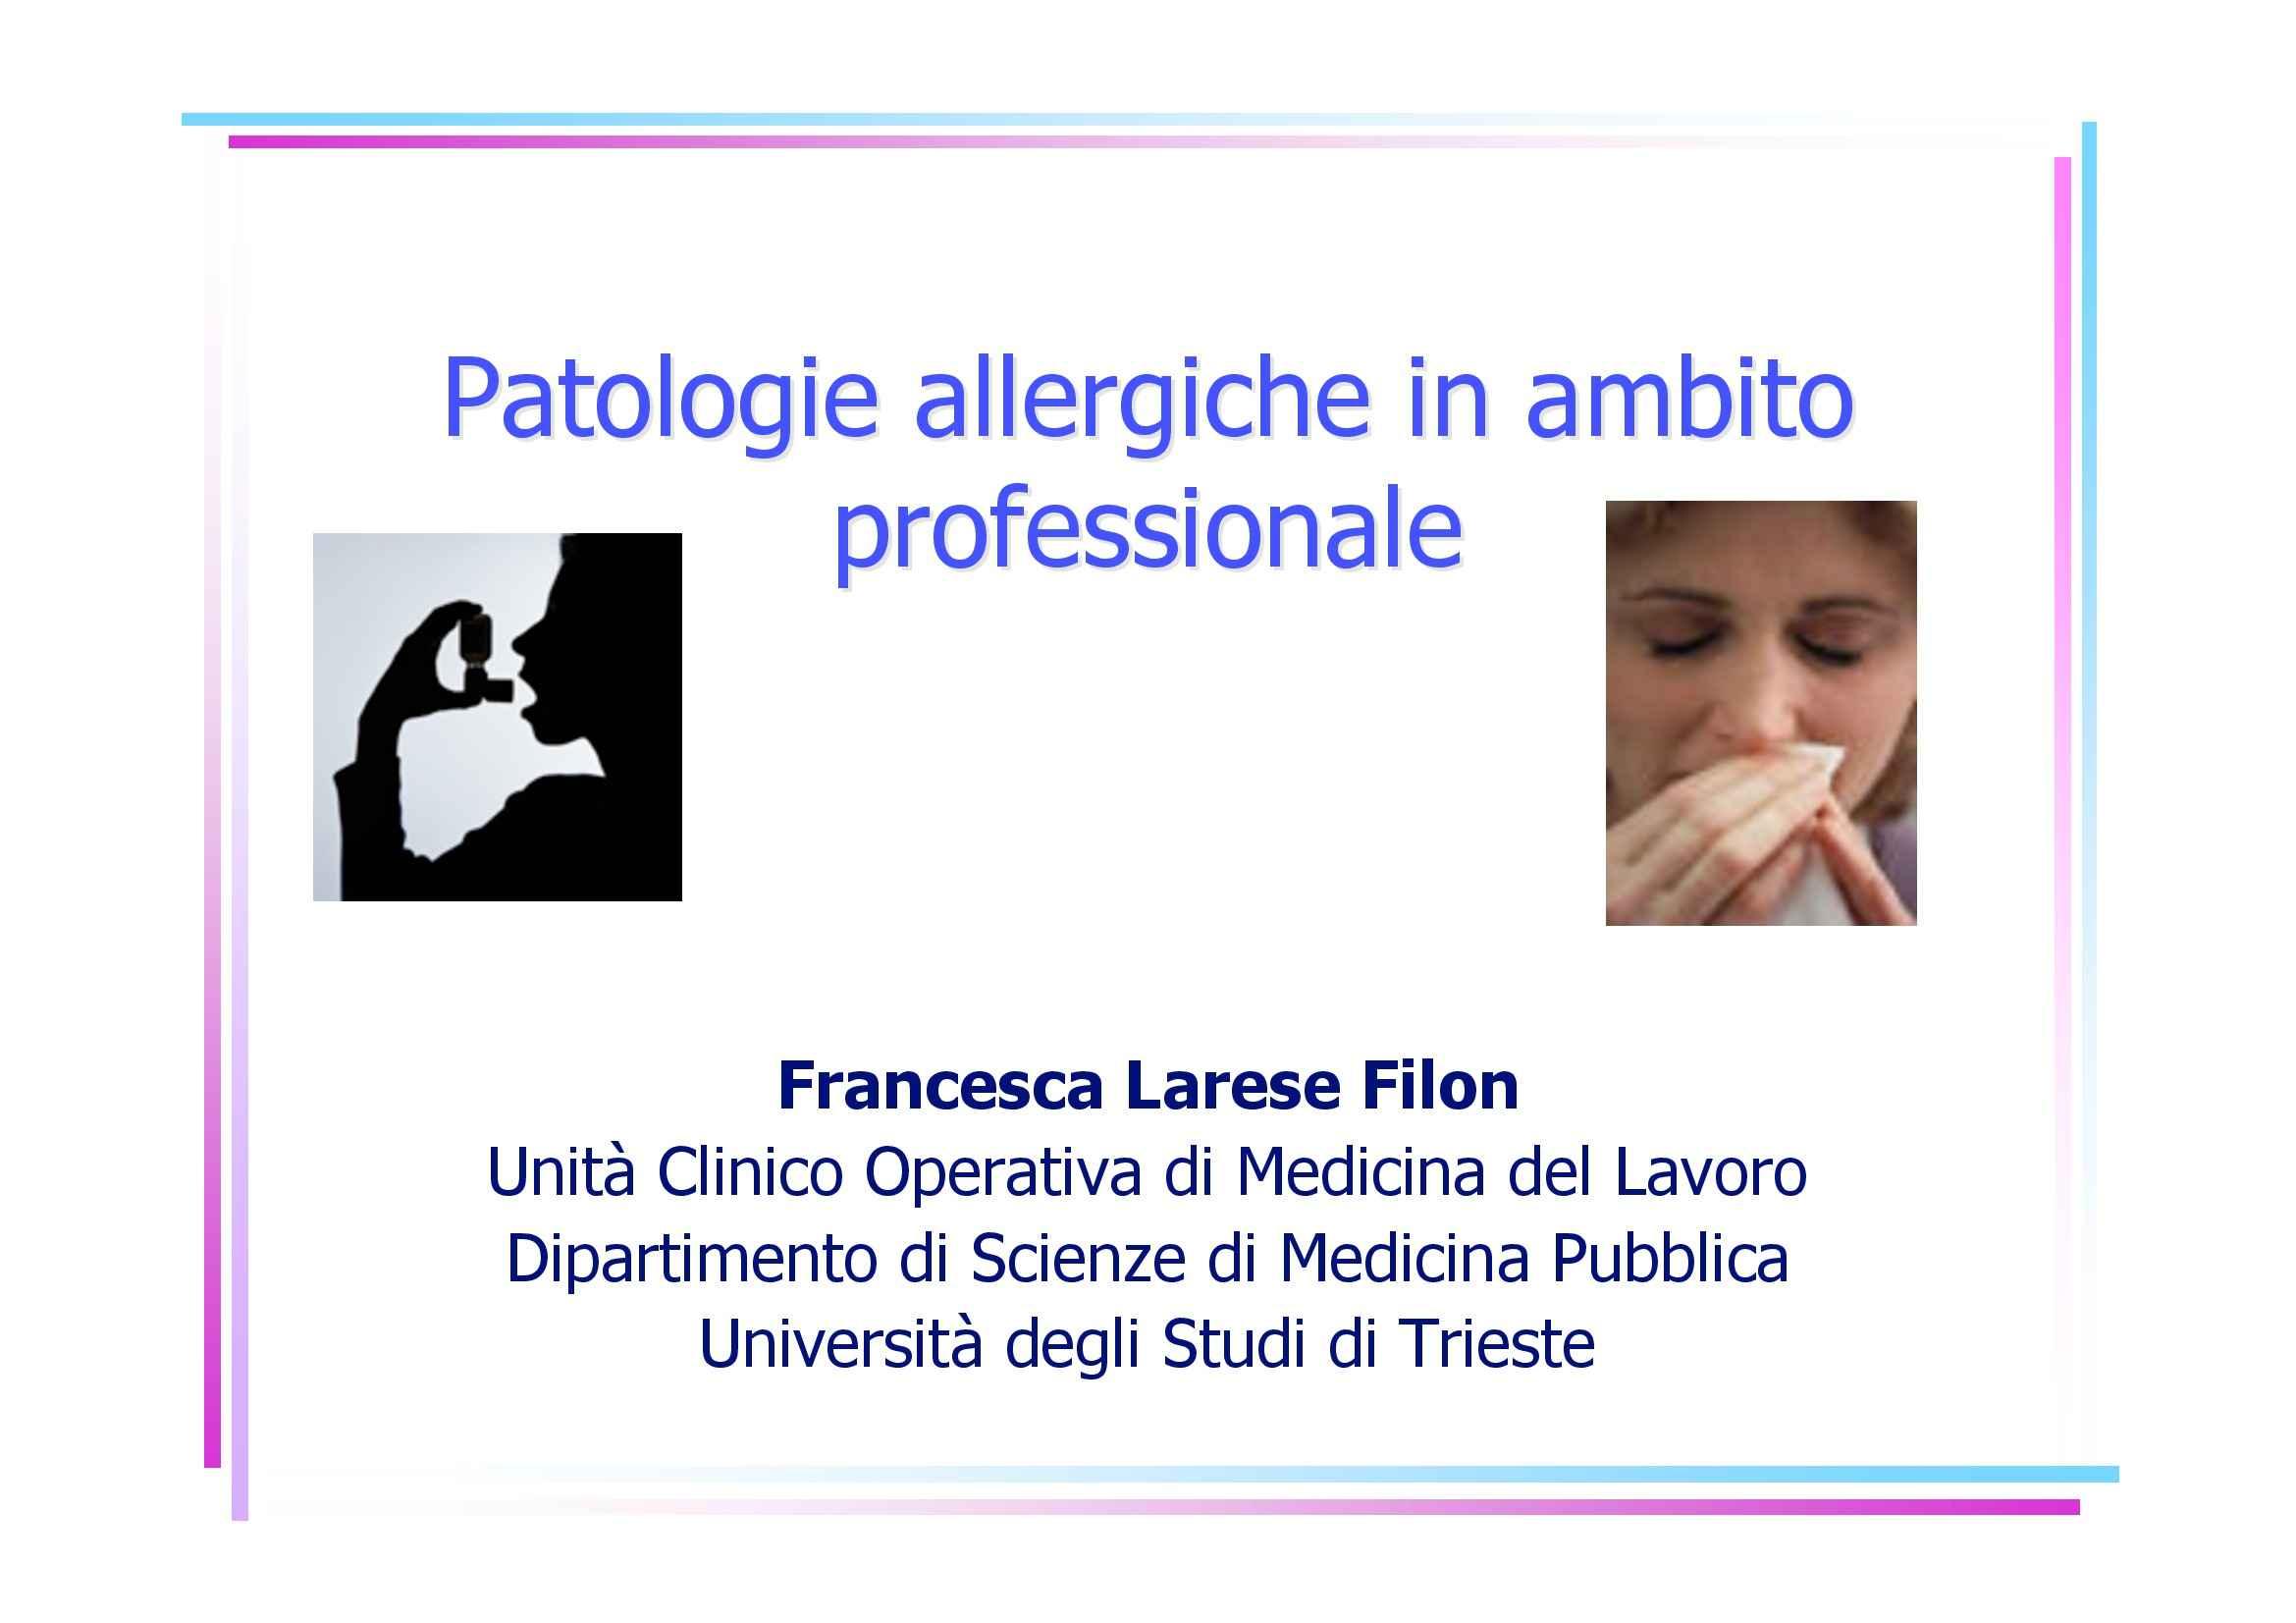 Allergie professionali